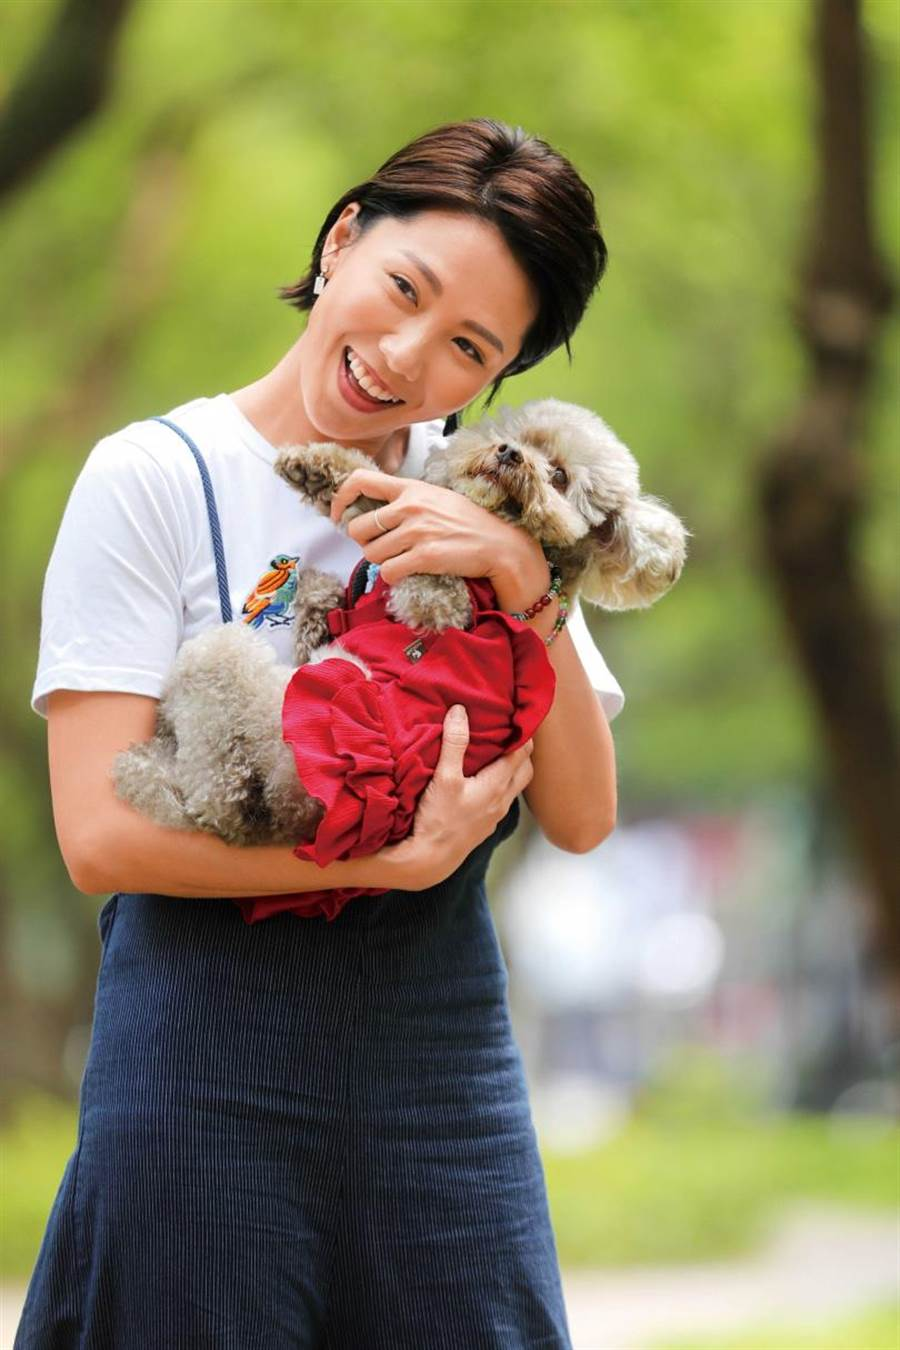 对于狗女儿噗噗今年初才熬过大手术,大牙十分心疼,拍摄时也不断抱着牠,一举一动尽显宠爱。(摄影/施岳呈)